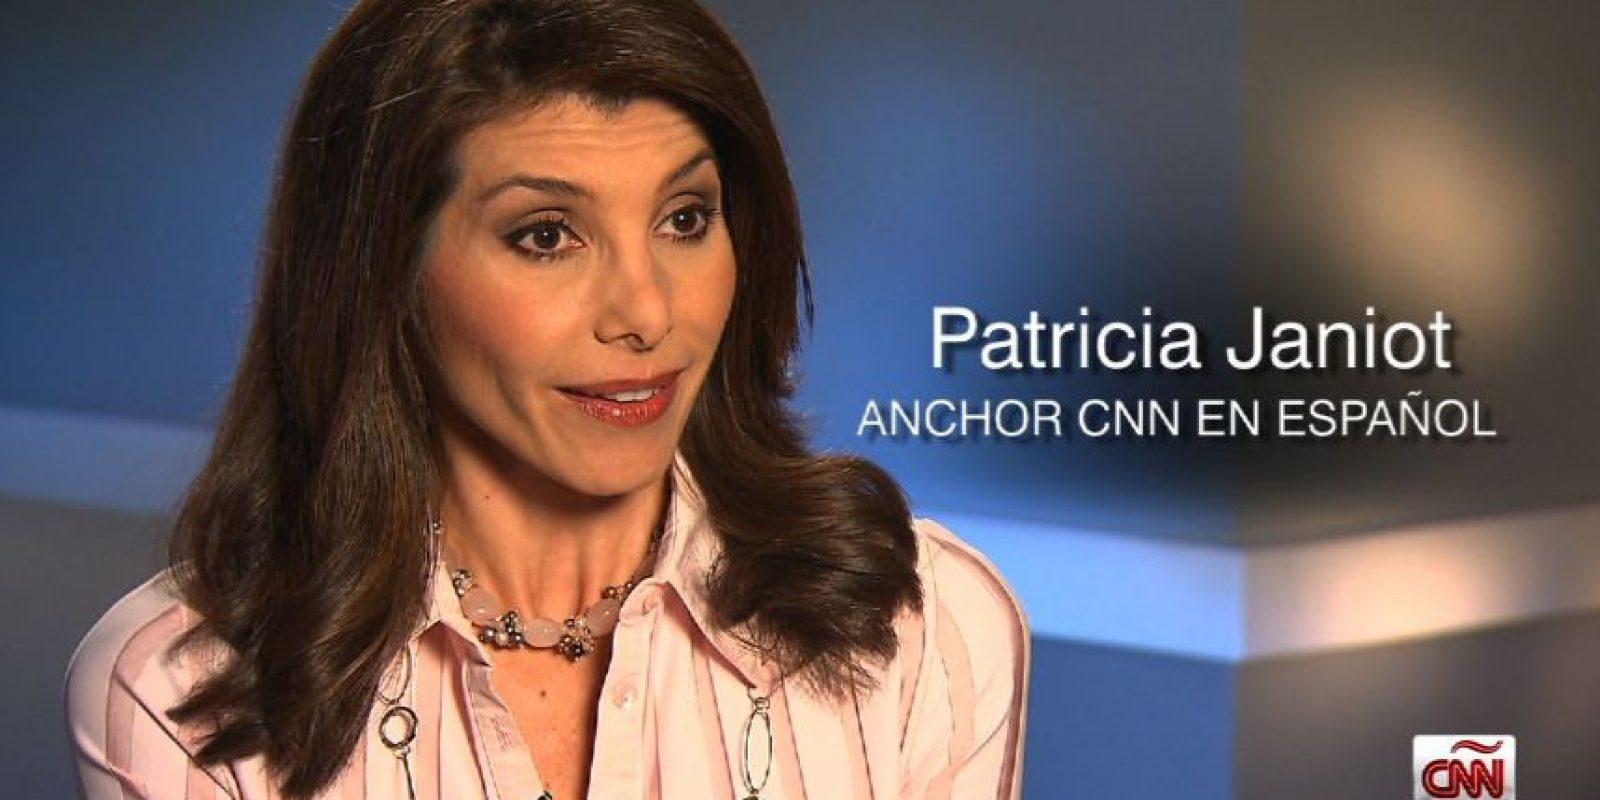 Ángela Patricia Janiot: Empezó participando en el concurso nacional de belleza en 1983, donde se coronó como virreina, pero su carrera, así como su fama despegó en Estados Unidos donde desde hace casi 25 años es una de las periodistas más respetadas de la cadena CNN en español.